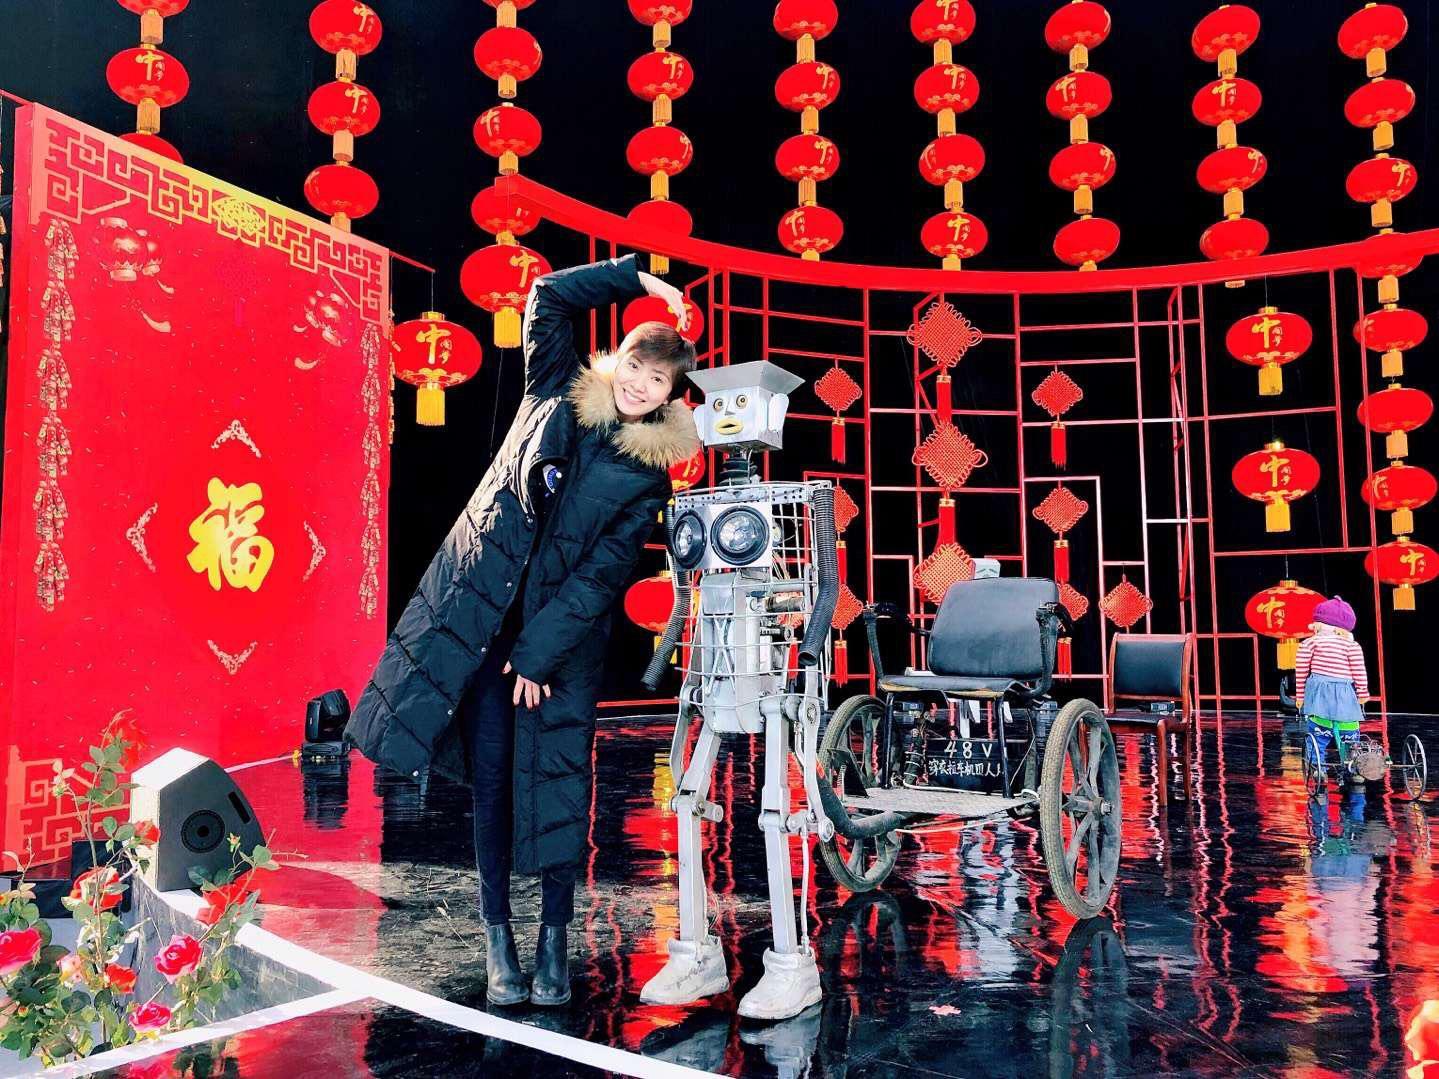 智能机器人现身 主持人紫檀素颜求合影